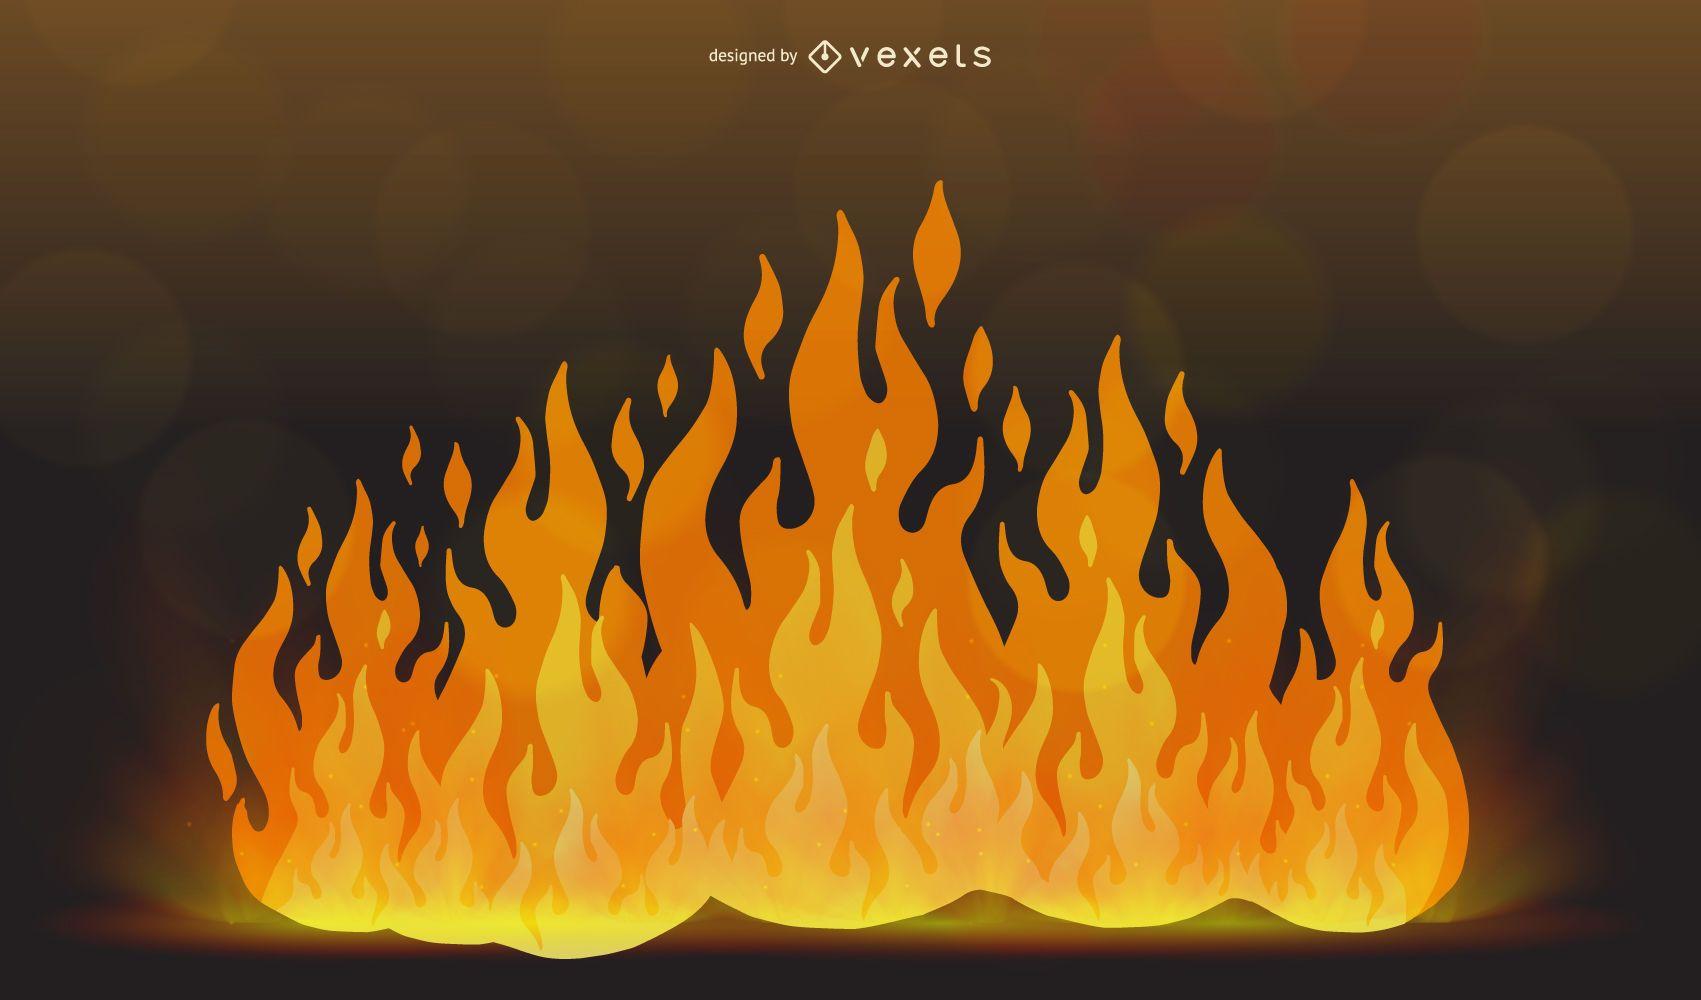 diseño de ilustración de grandes llamas